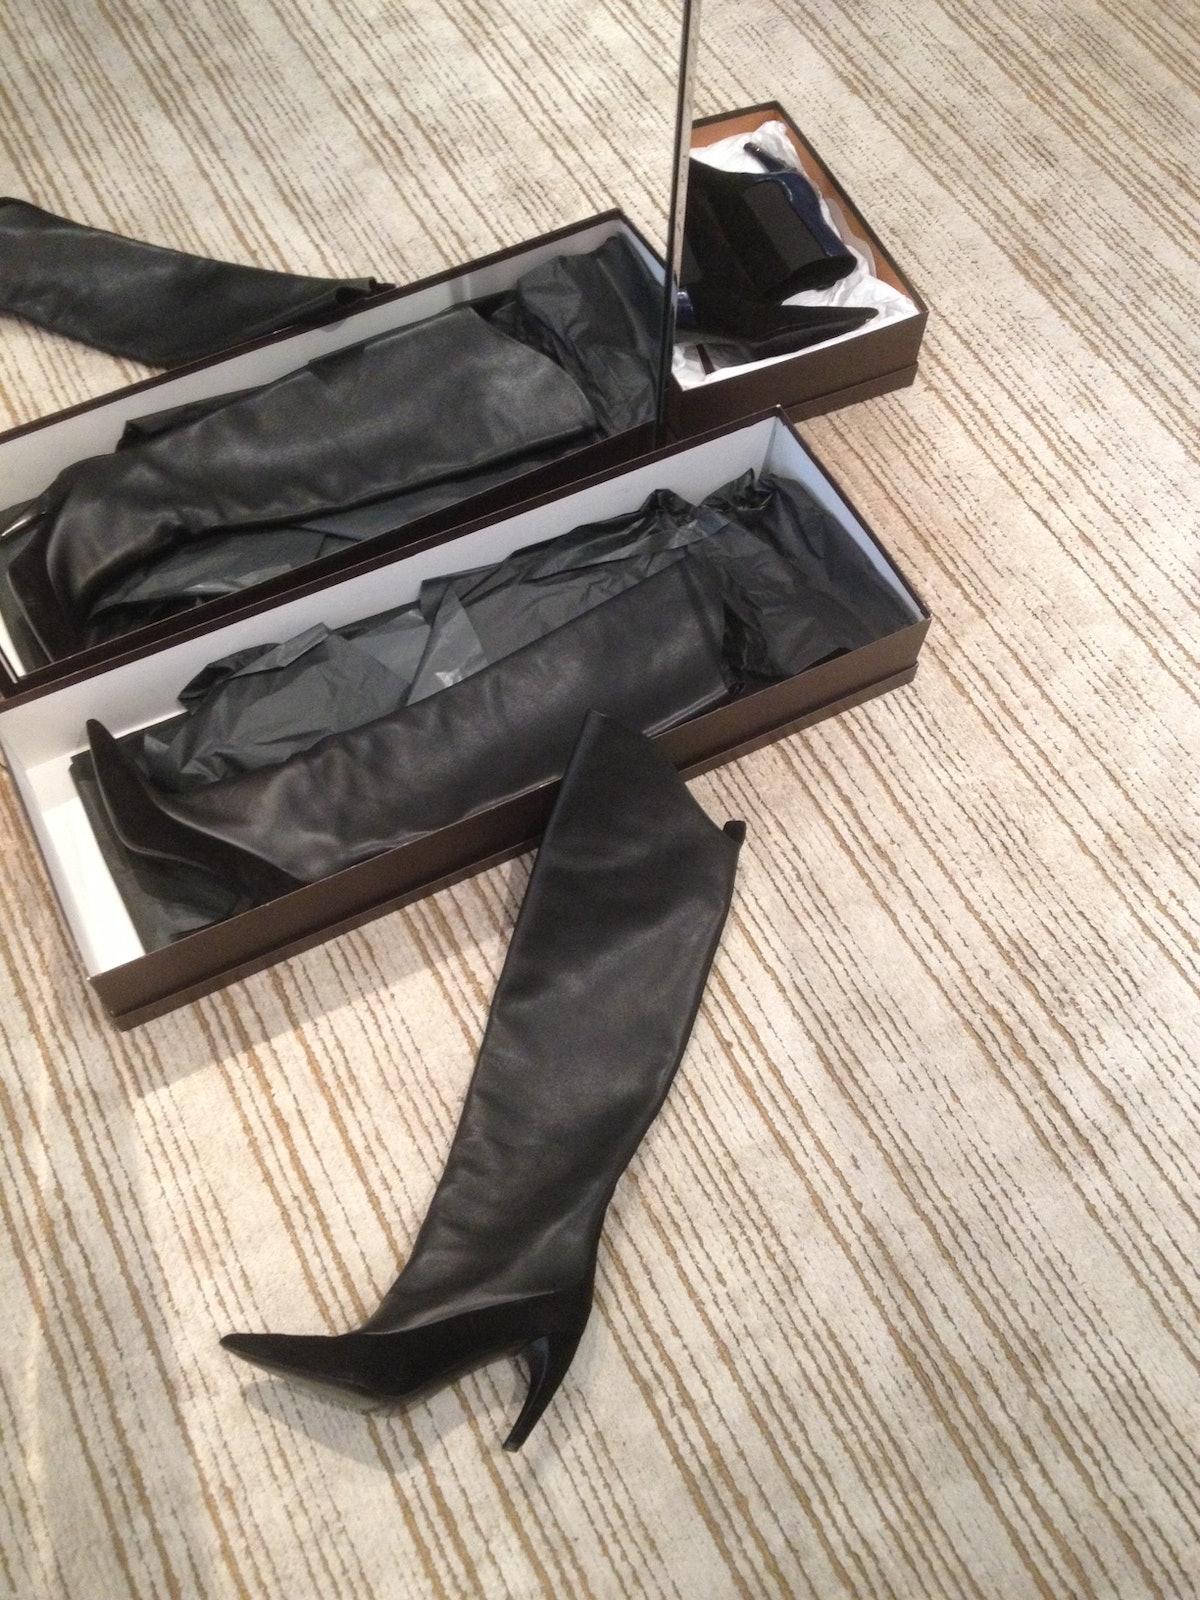 yuan-yuan-tan-high-boots